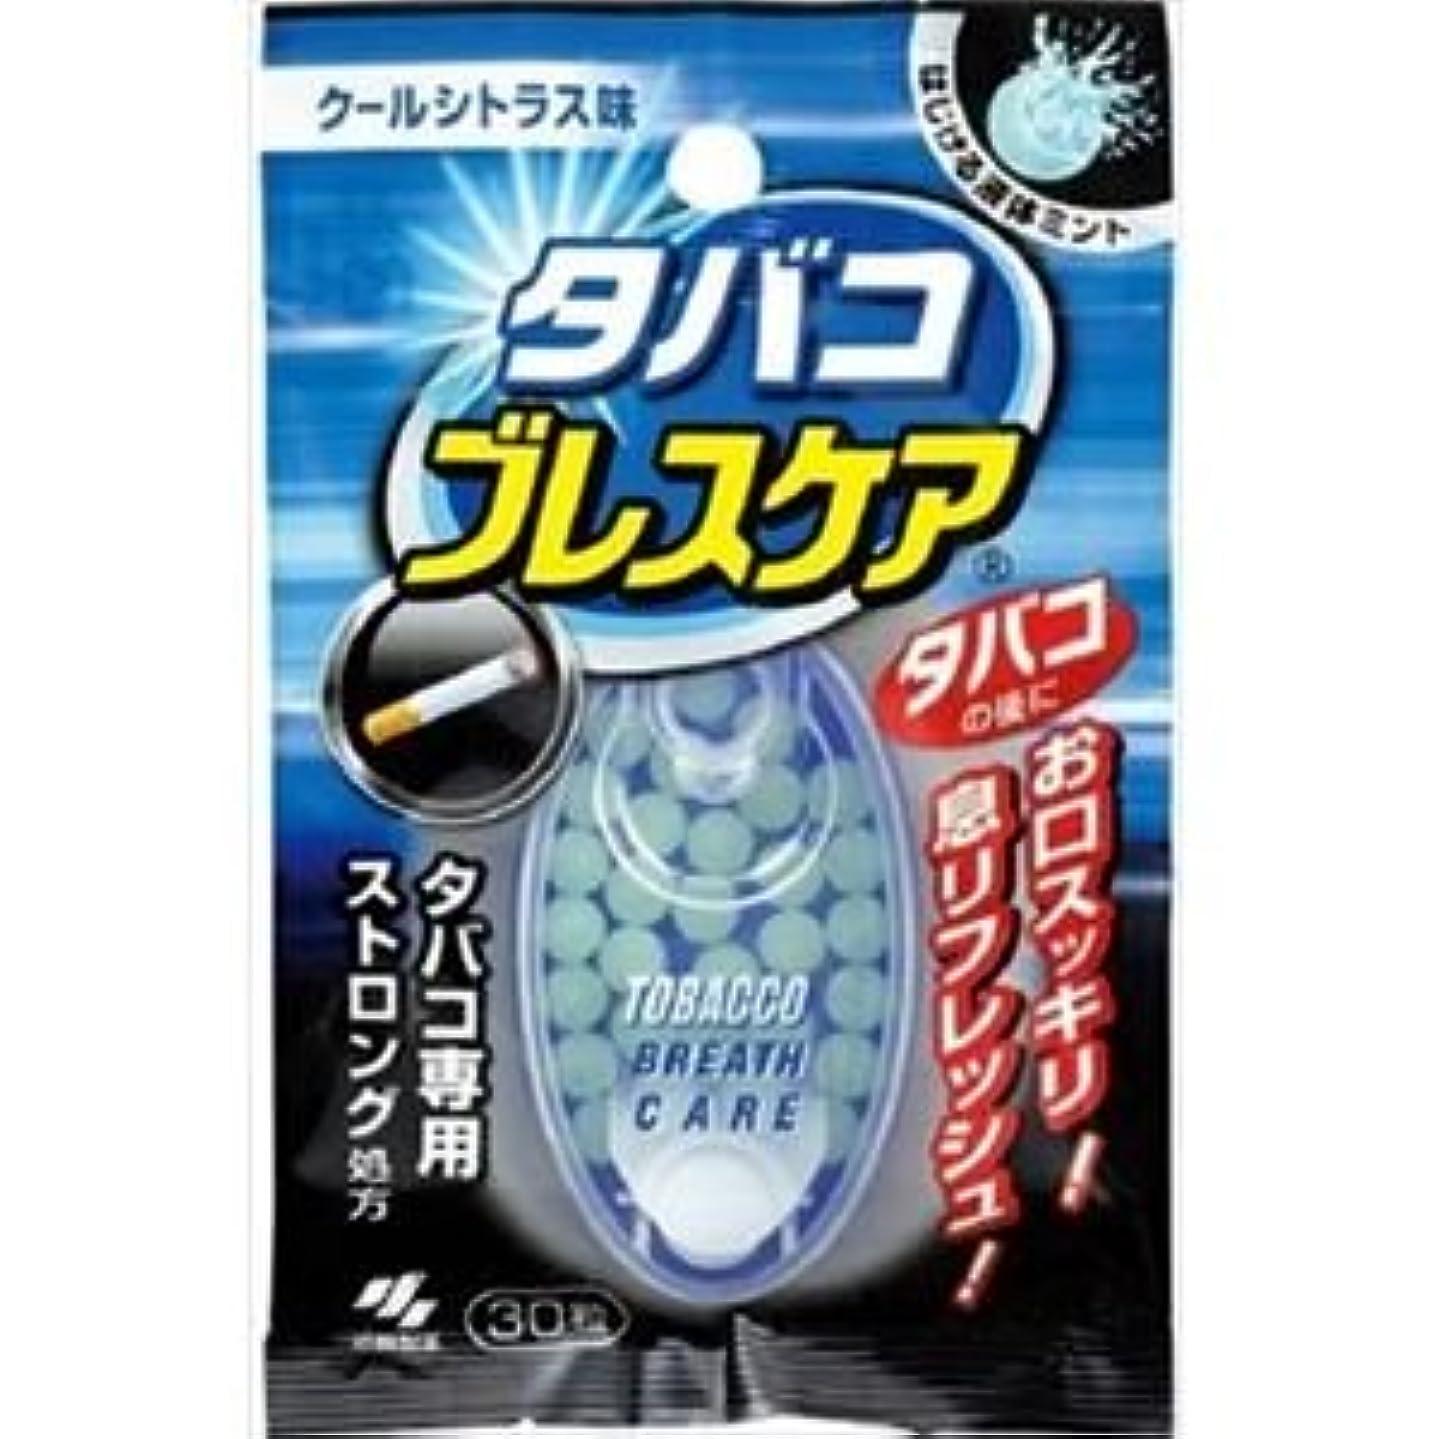 用心する整理する雪(まとめ)小林製薬 タバコブレスケア 30粒 【×6点セット】